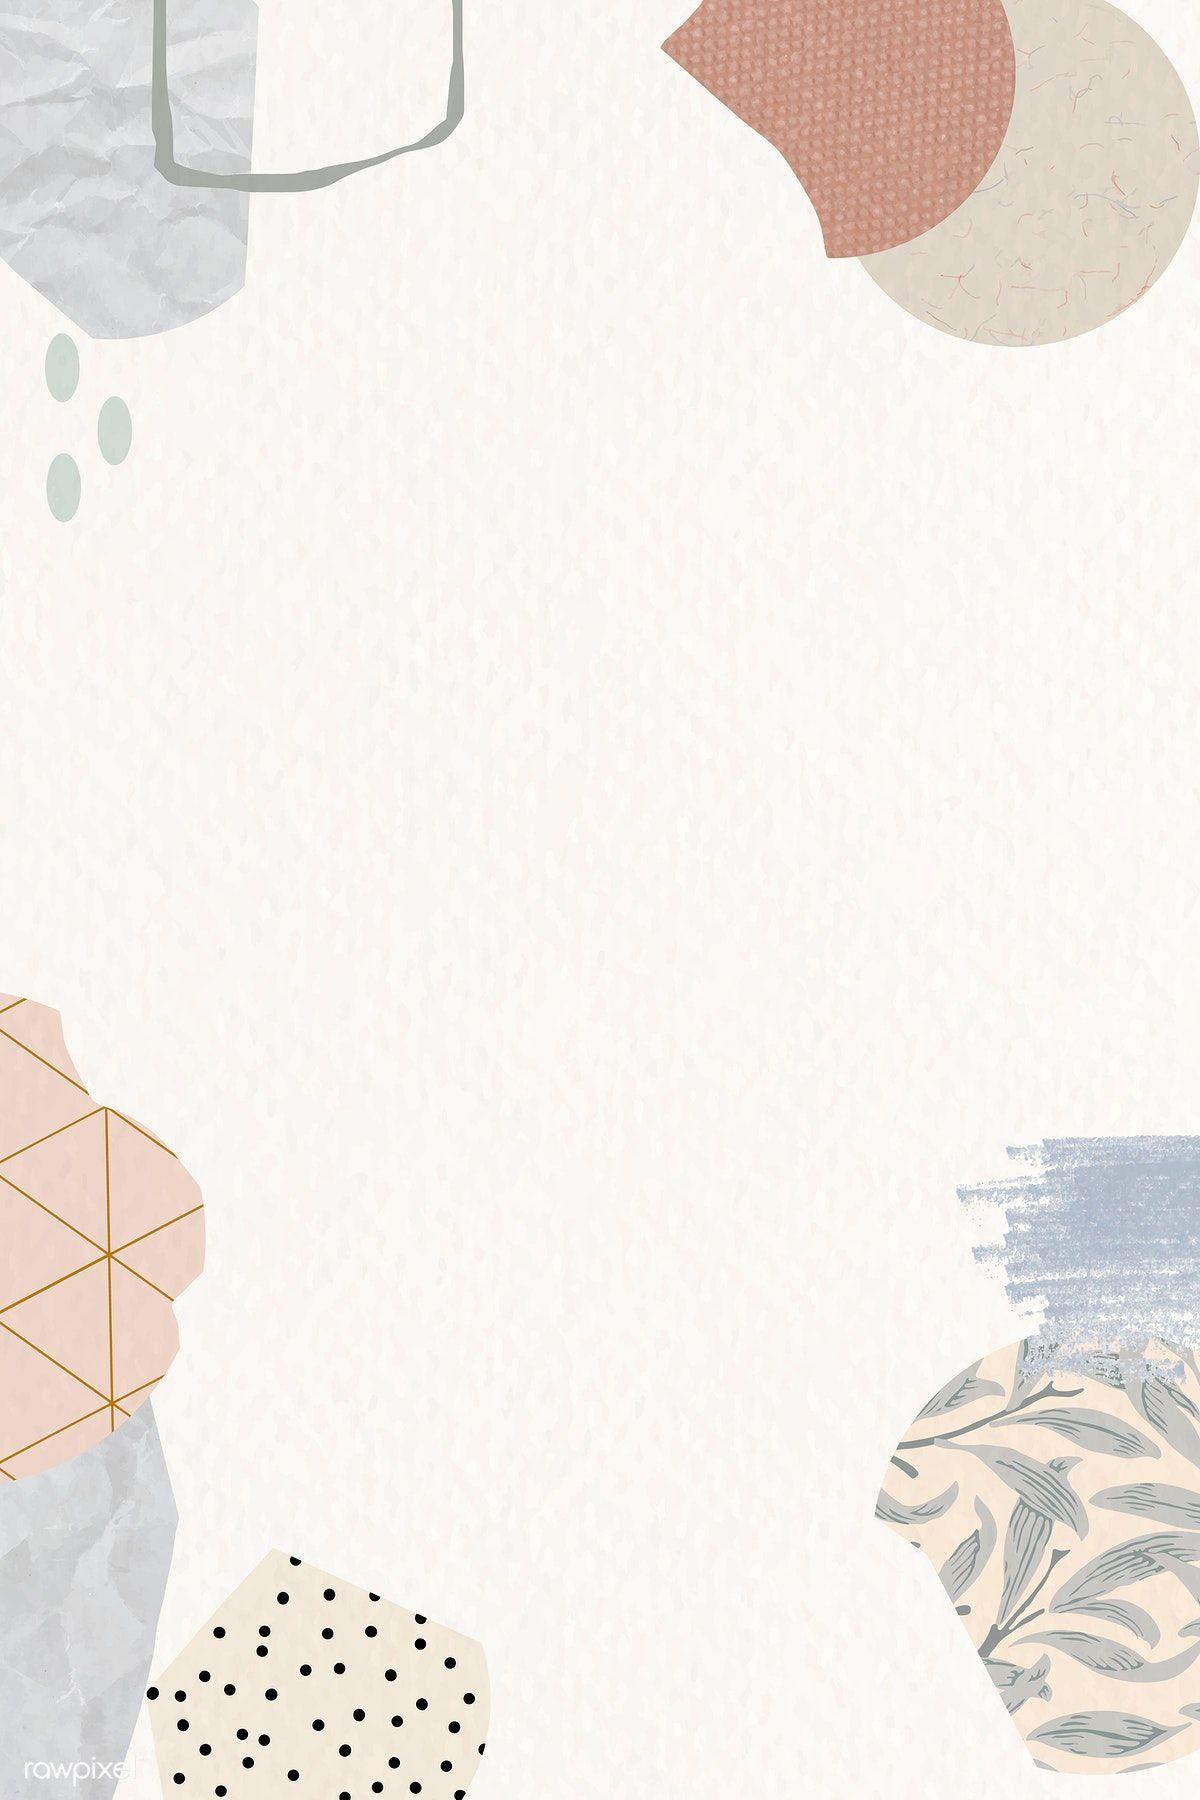 Terrazzo pattern on beige background vector | premium image by rawpixel.com / nunny #vector #vectoart #digitalpainting #digitalartist